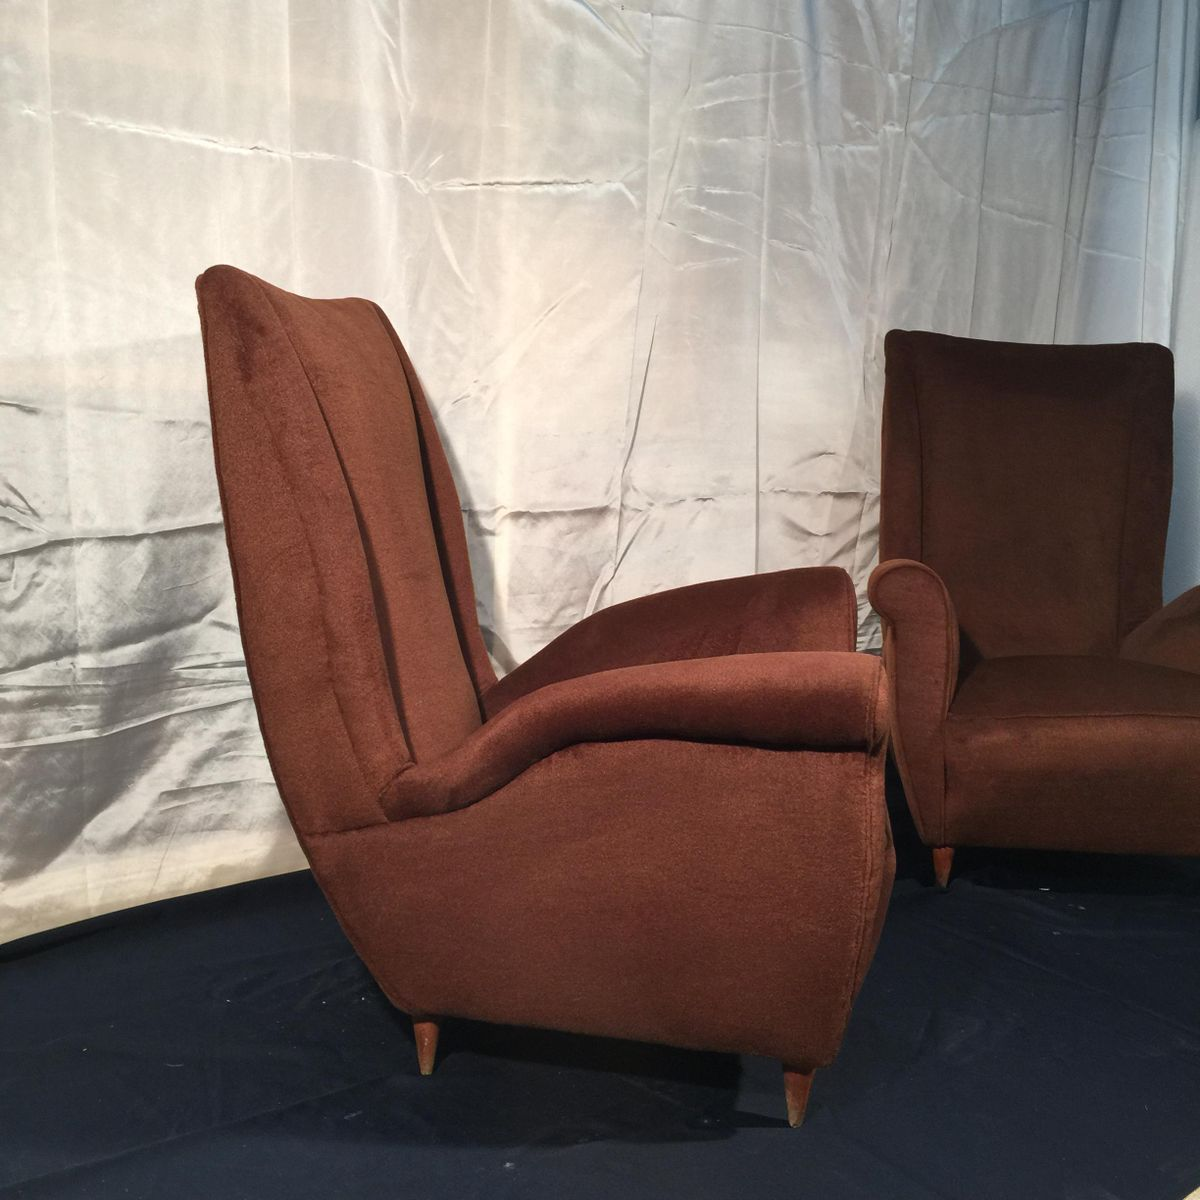 Italienische vintage sessel von gio ponti 1950er 2er set for Italienische sessel design